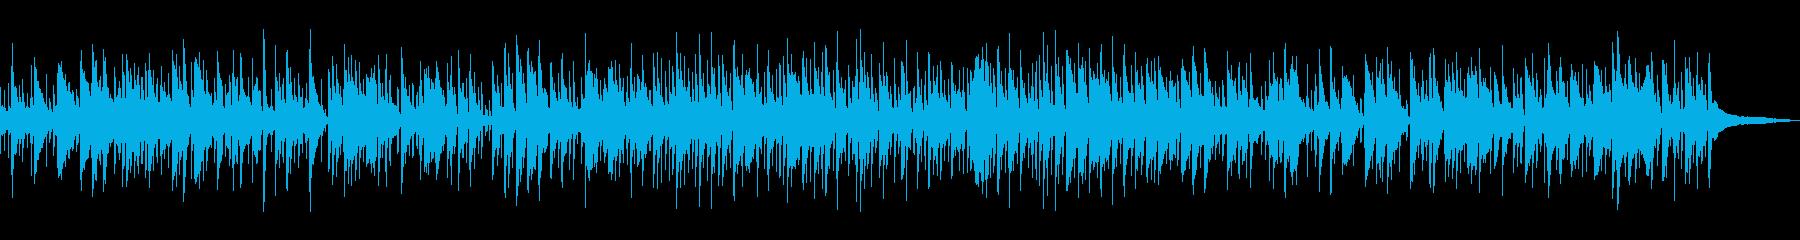 秋を感じるマンドリンソロBGMの再生済みの波形